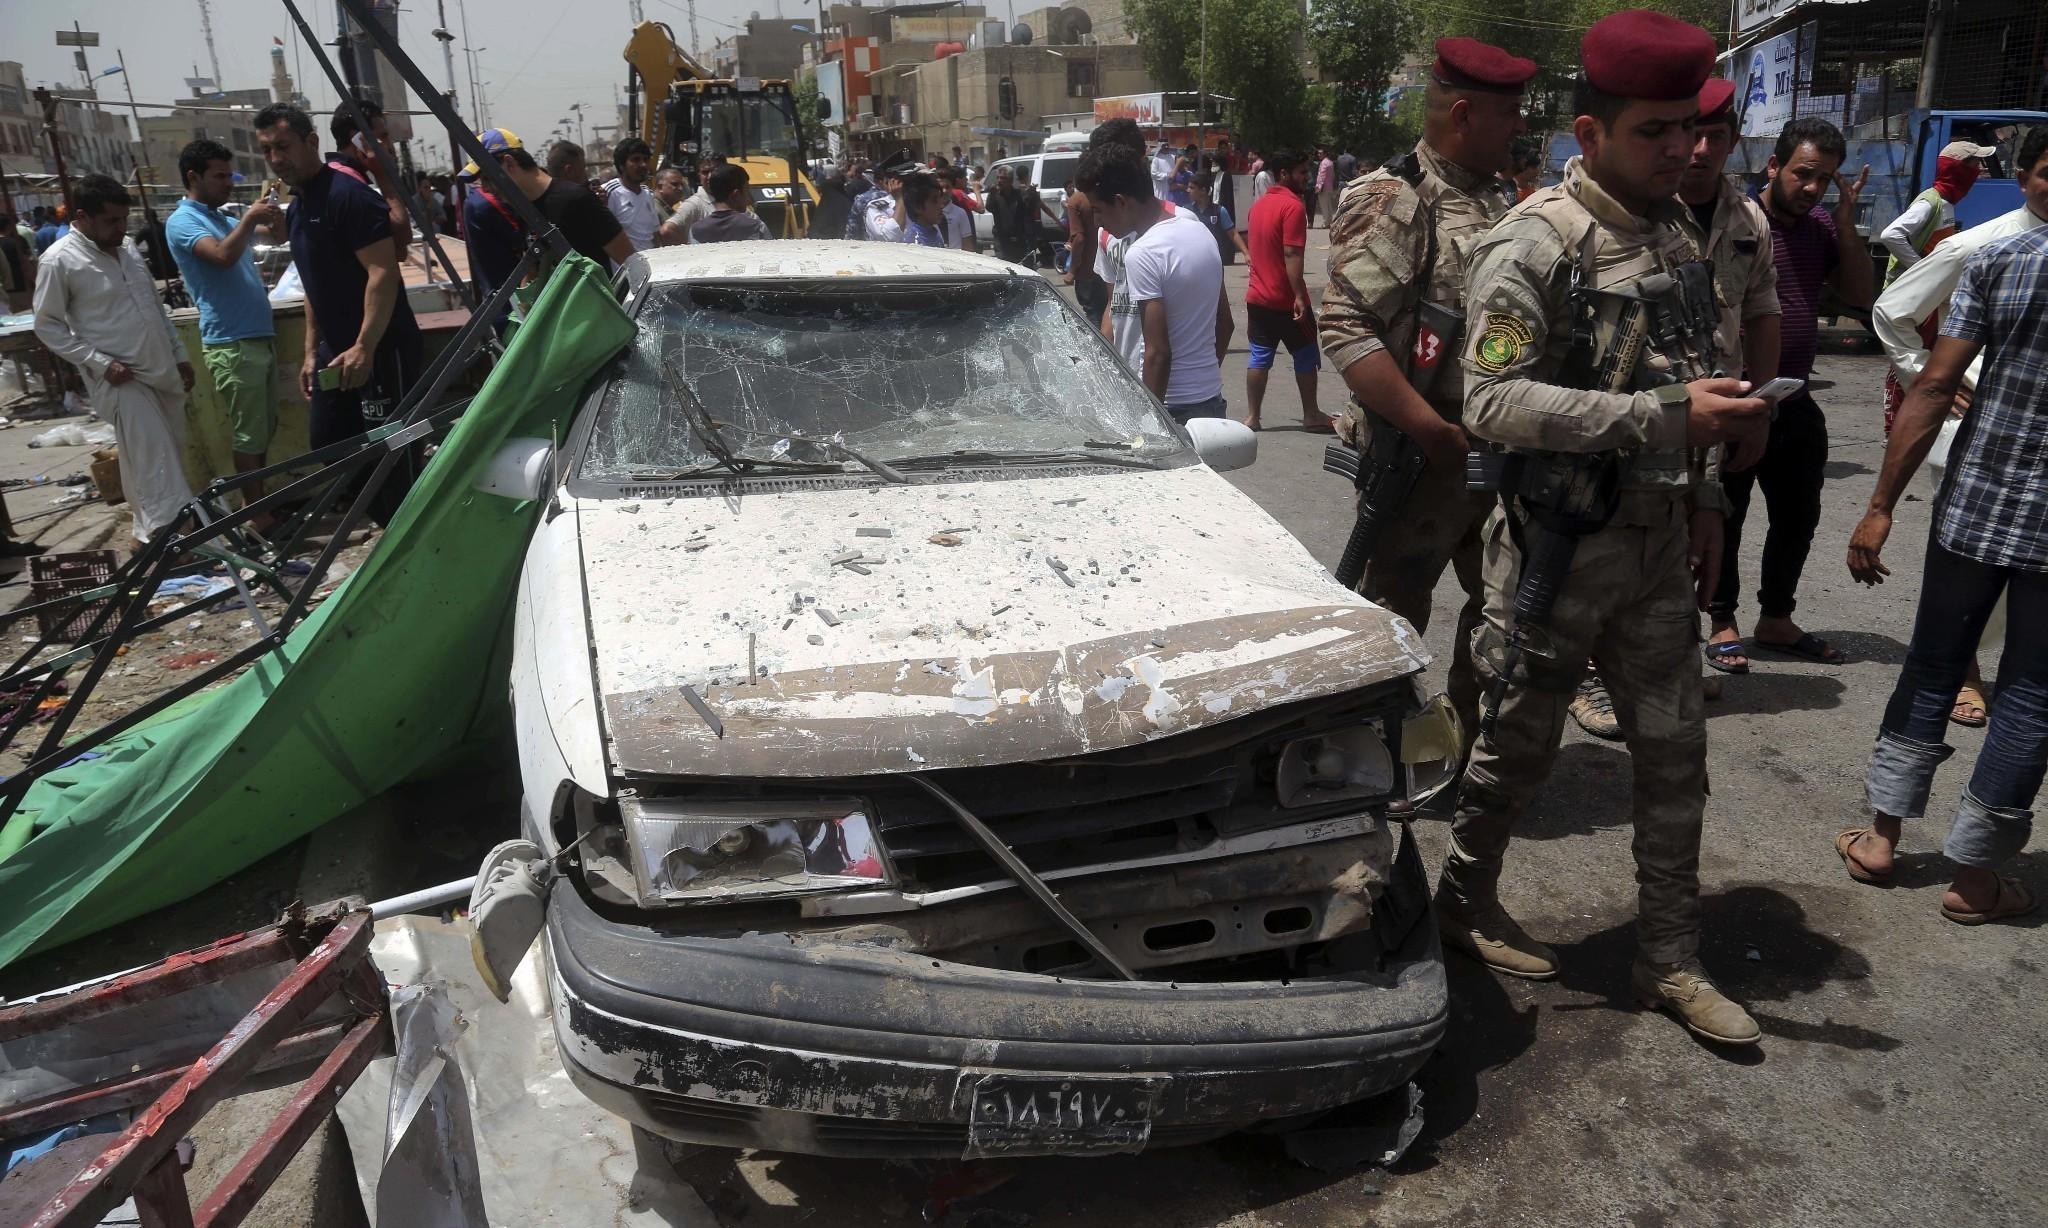 Baghdad market car bomb attack kills dozens